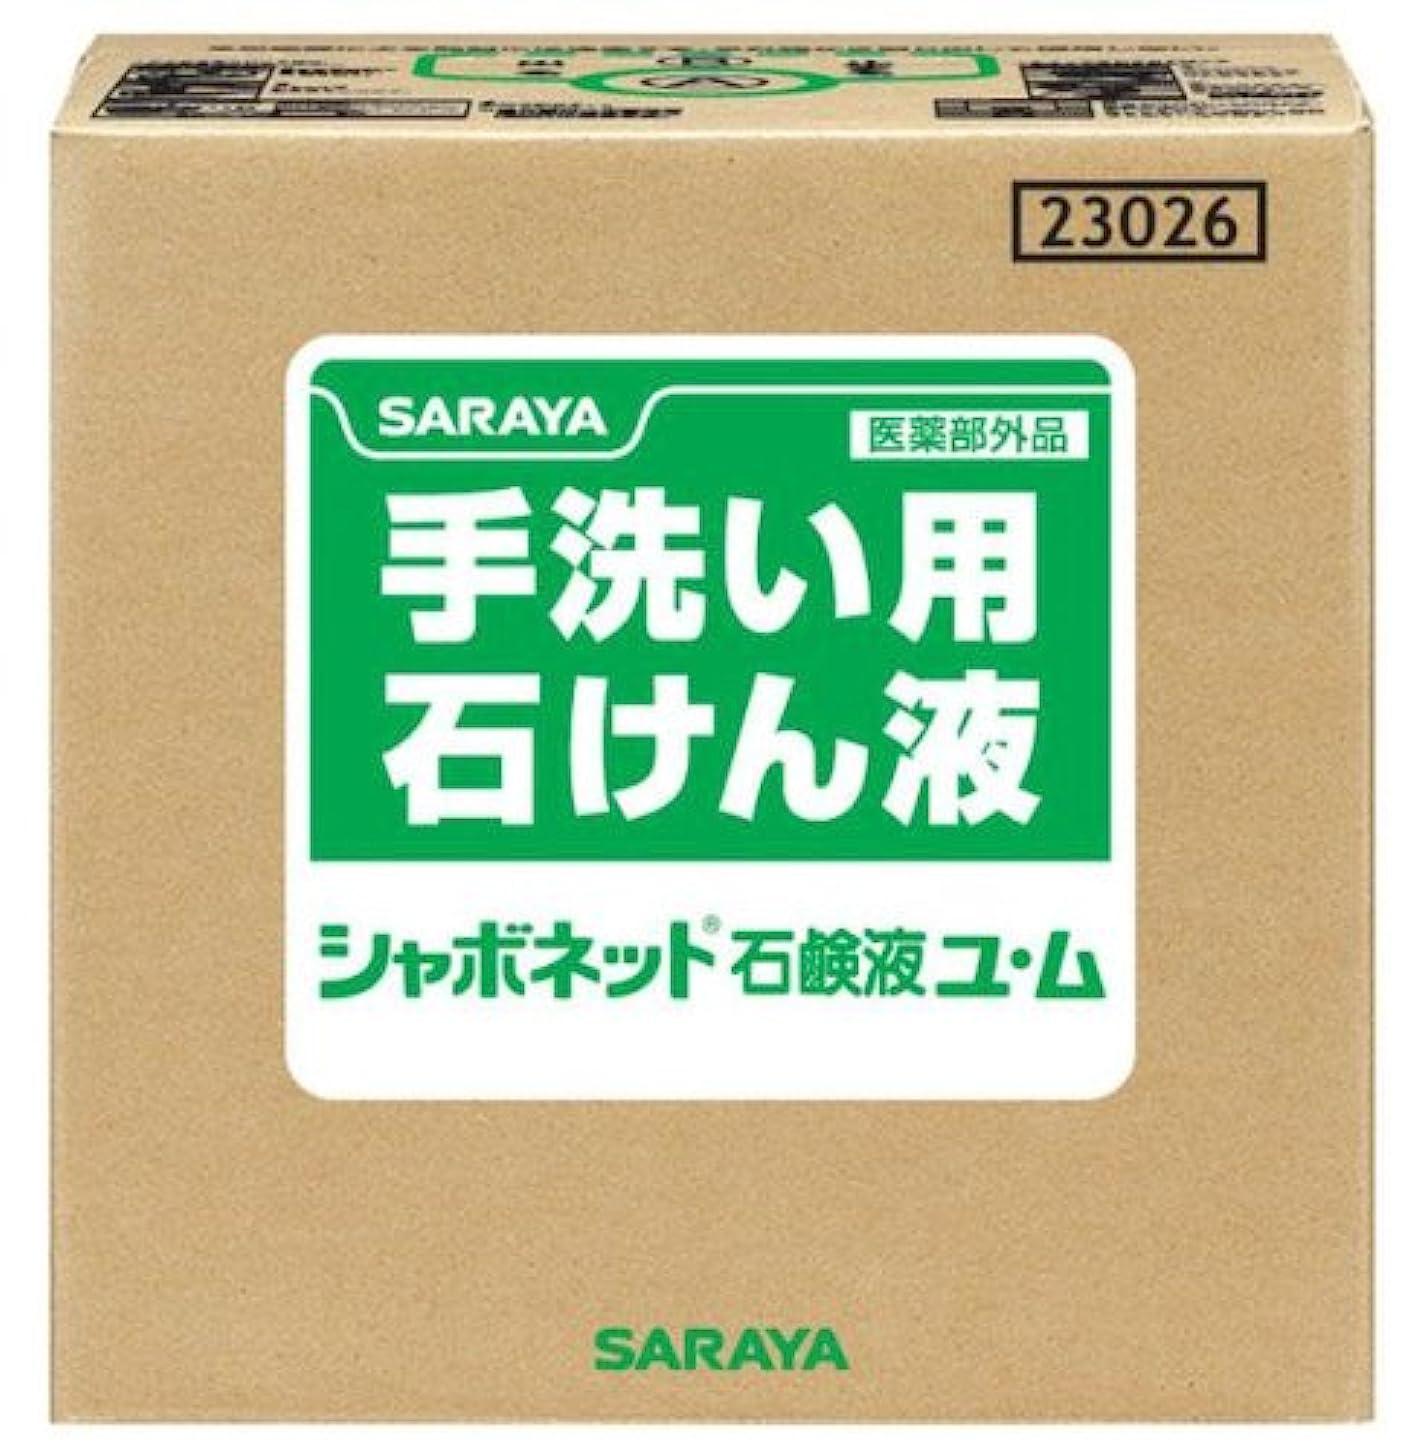 醜い複製証明サラヤ シャボネット 石鹸液ユ?ム 20kg×1箱 BIB【同梱?代引不可】